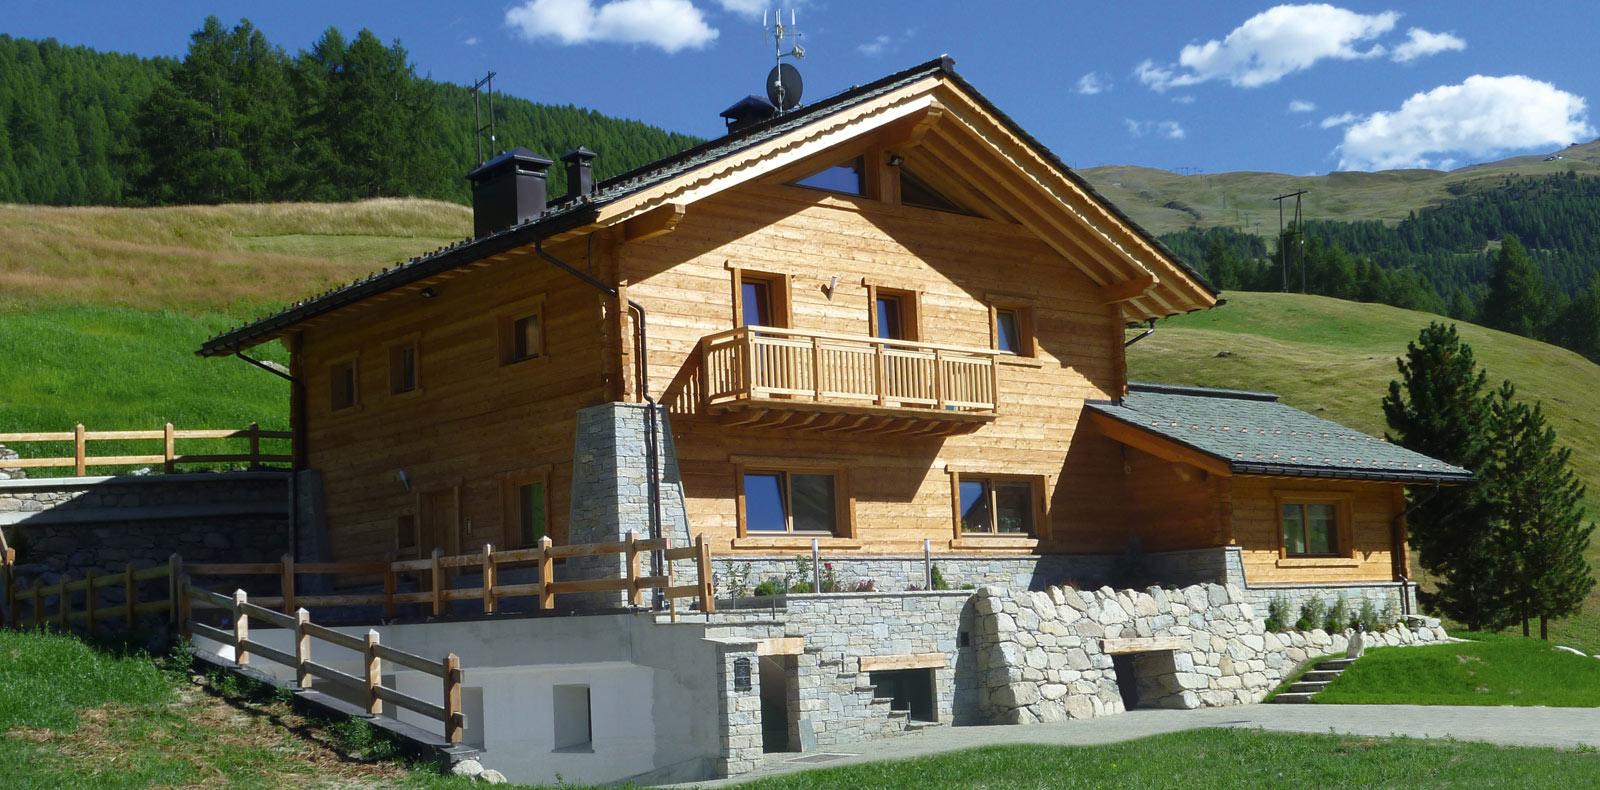 Greenbuild case in legno massiccio for Case in legno senza fondamenta